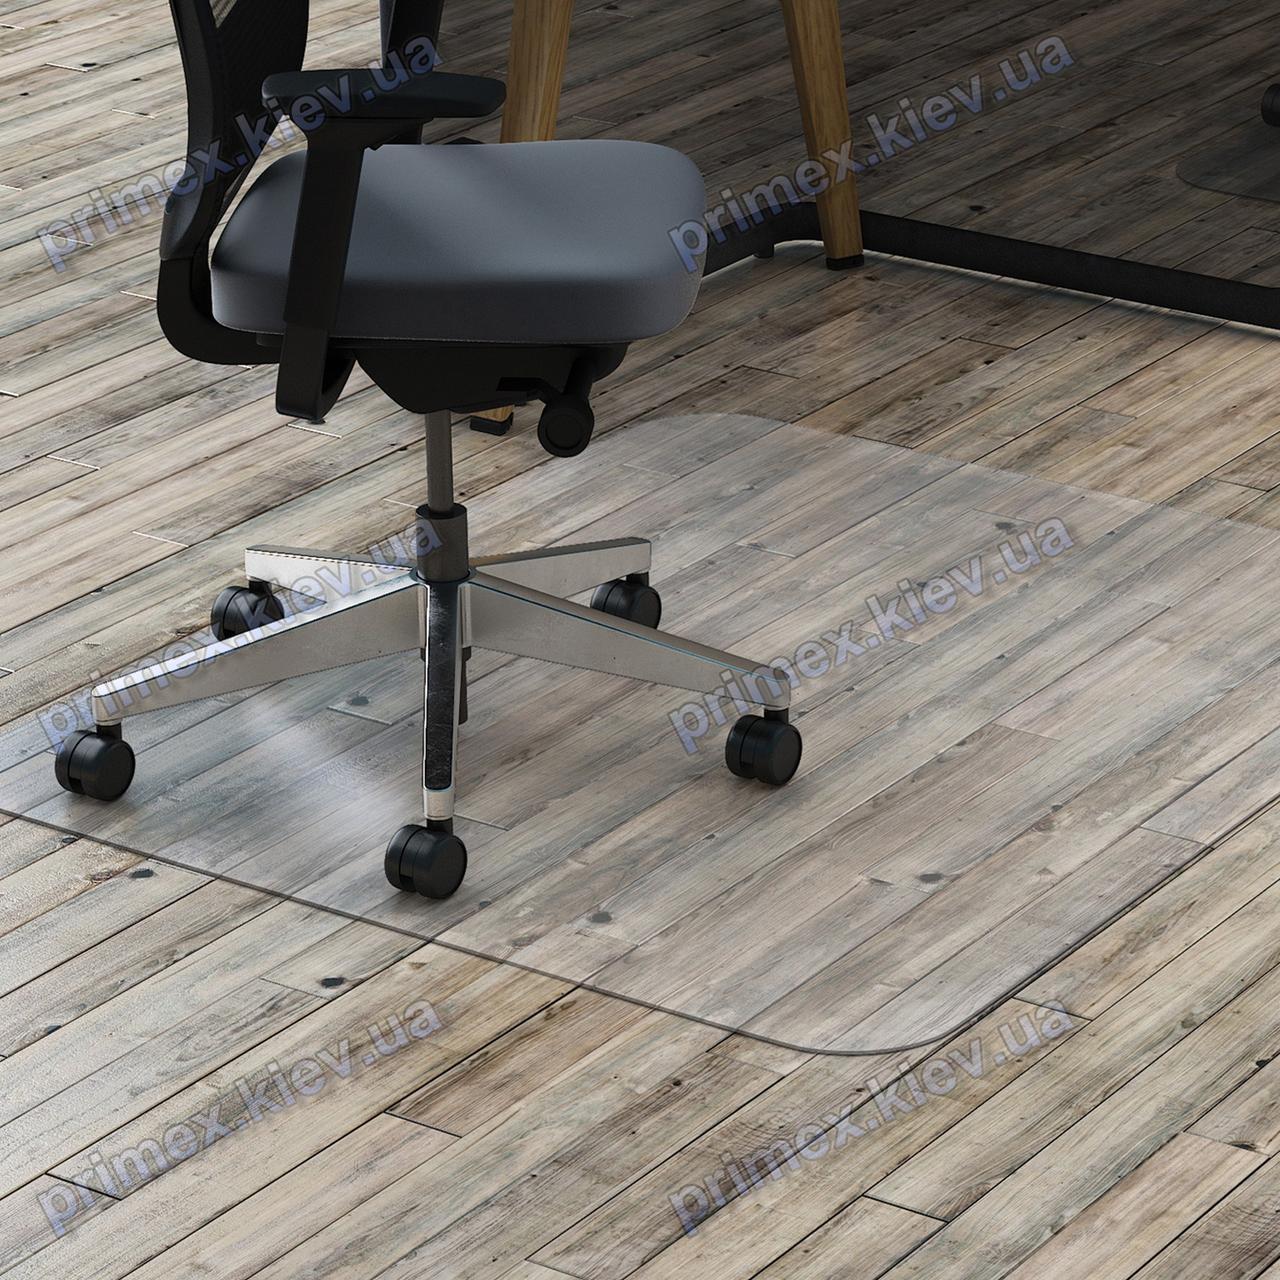 Ковер под кресло прозрачный 92х92см. Германия. Толщина 2,0мм